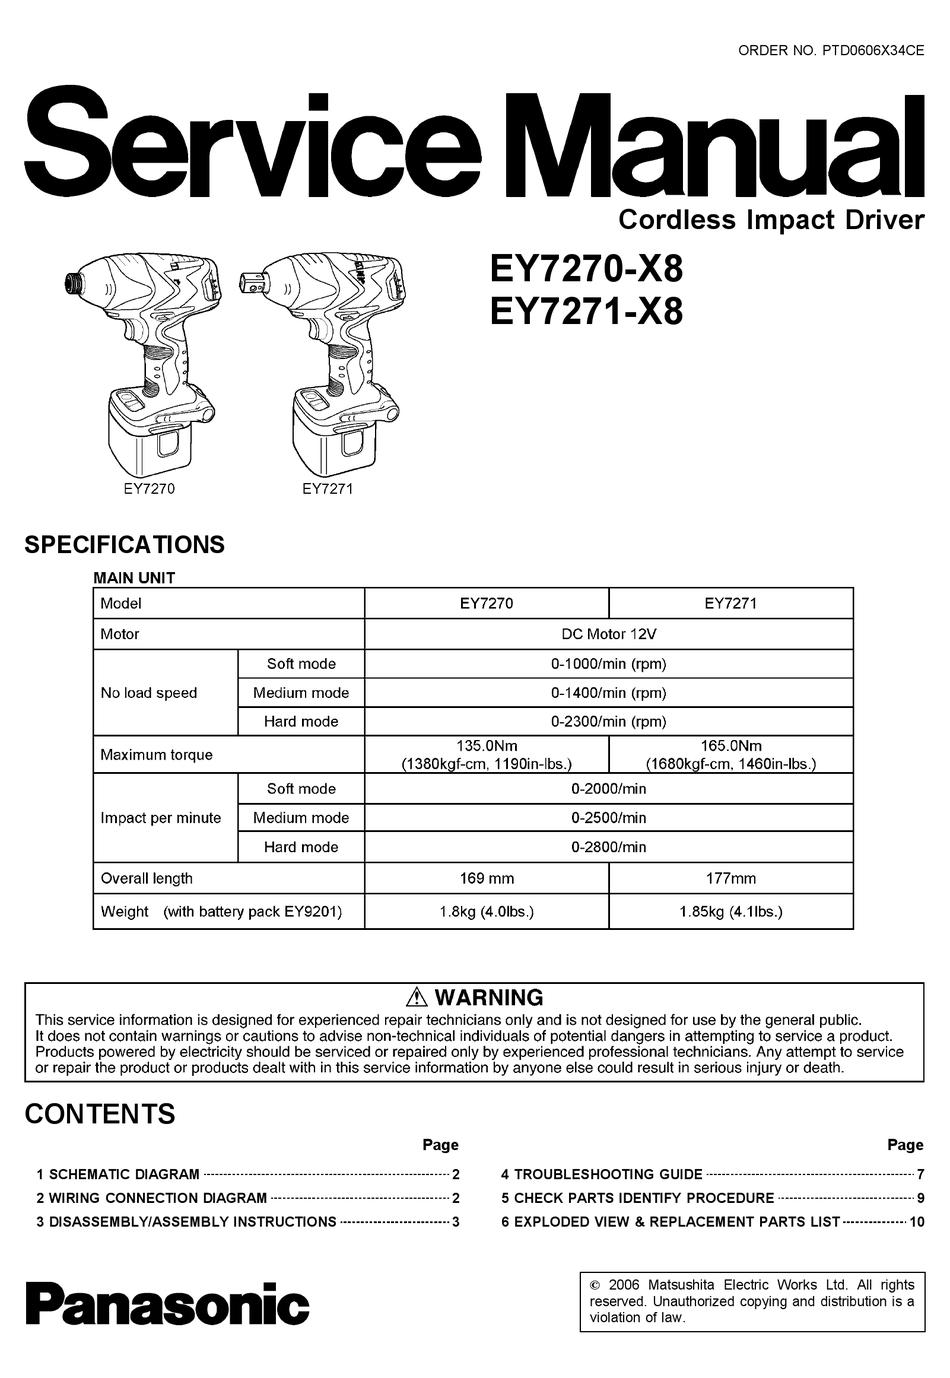 PANASONIC EY7270-X8 SERVICE MANUAL Pdf Download   ManualsLib   X8 Motor Wiring Diagram      ManualsLib